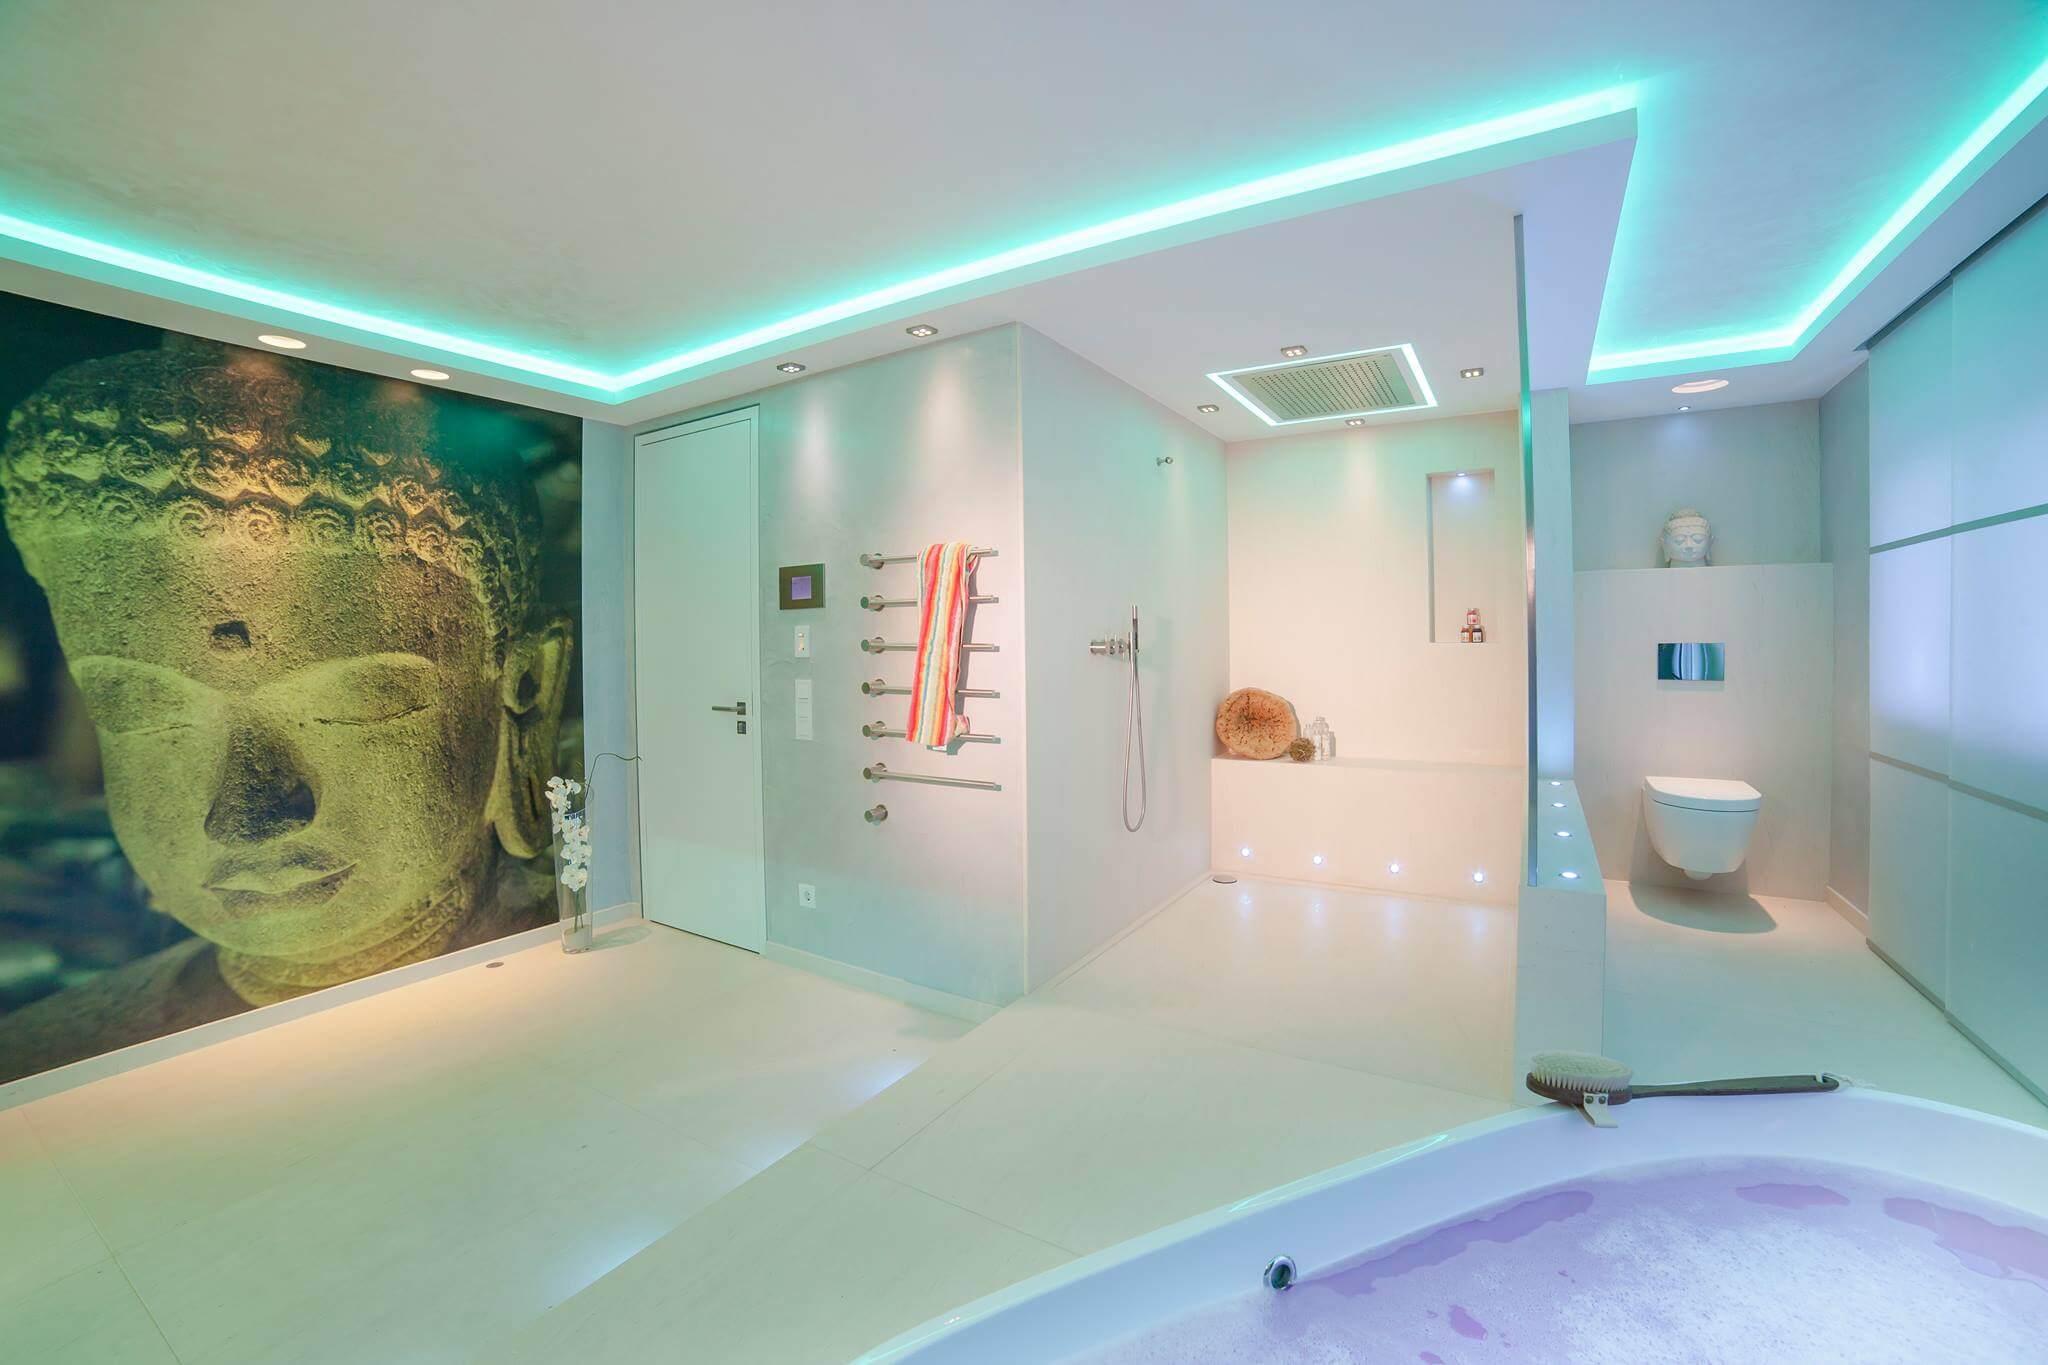 Mein Traum Badezimmer | Waschtisch Bauen Bad Unterschrank Holz ...